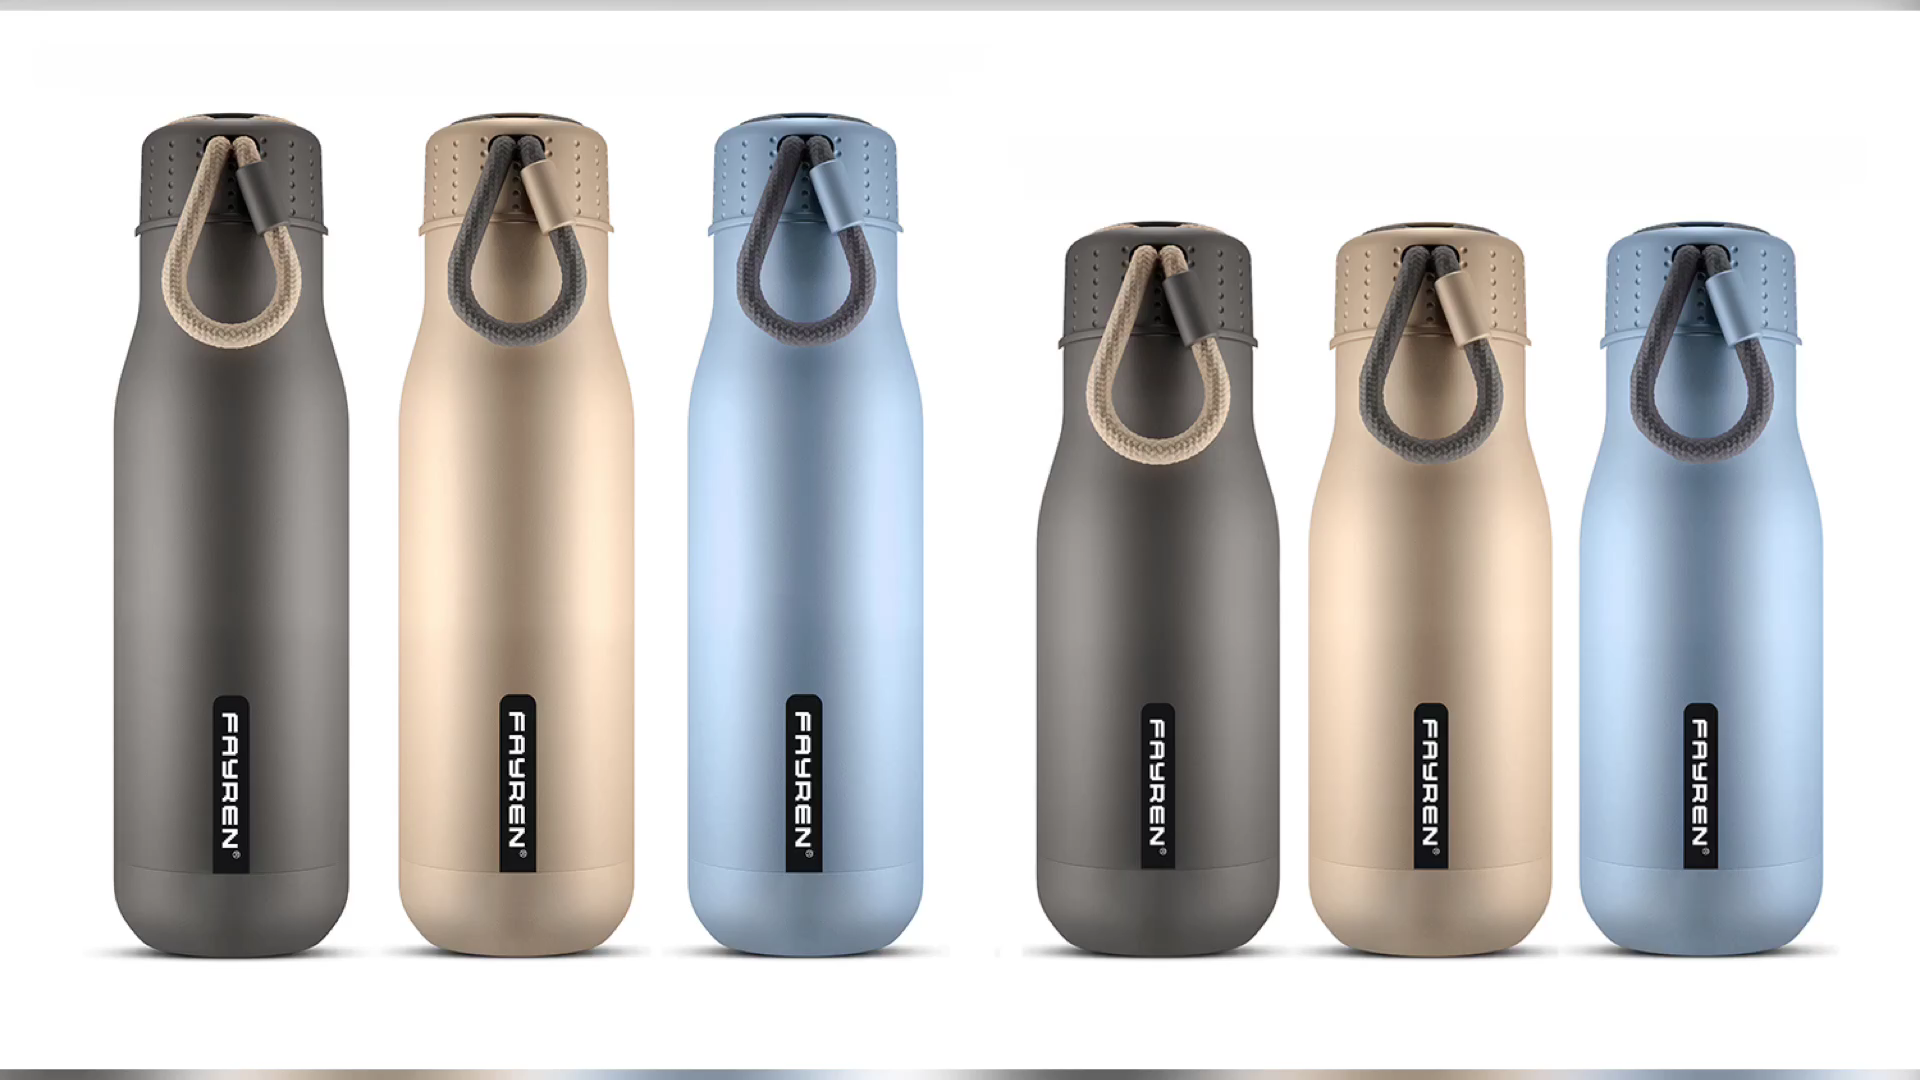 2020 FAYREN durevole di alta qualità su misura stampato bottiglie di acqua in acciaio inox con manico